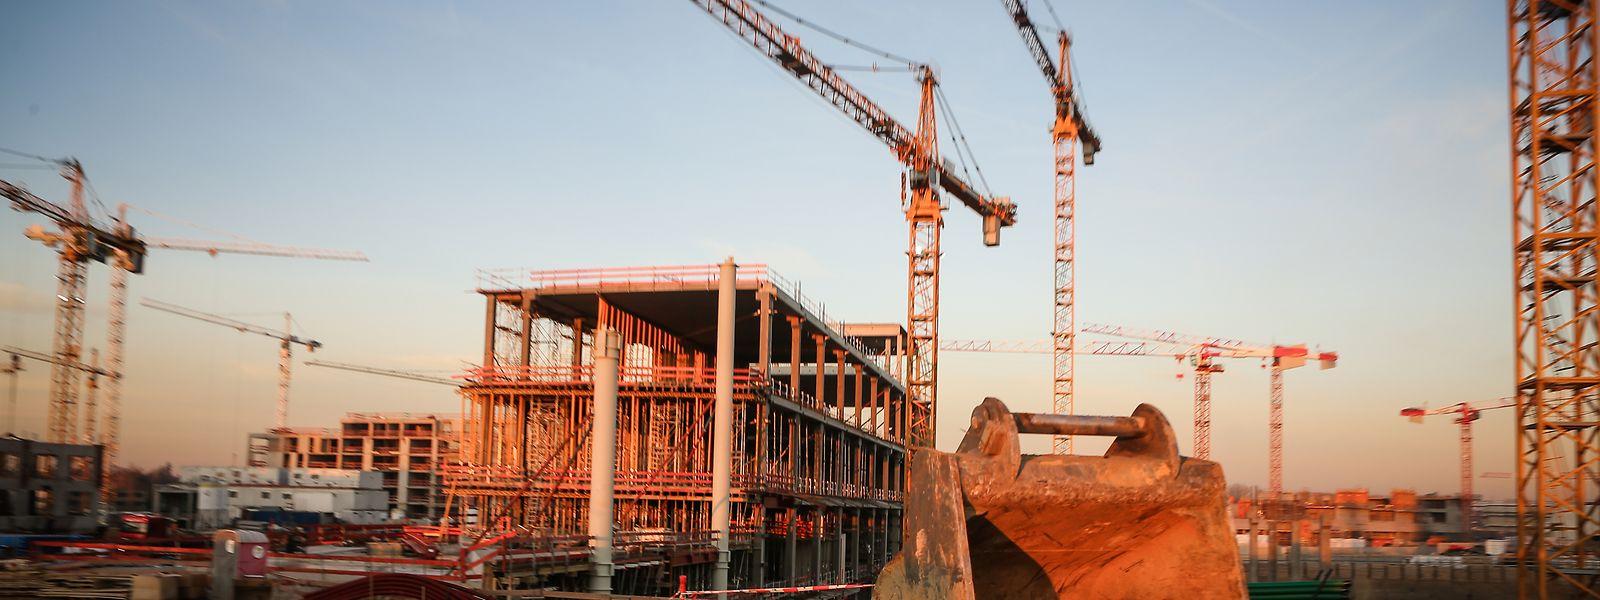 Auf den Baustellen in Luxemburg herrscht Stillstand. Noch ist nicht bekannt, wann die Arbeiten wieder aufgenommen werden können.